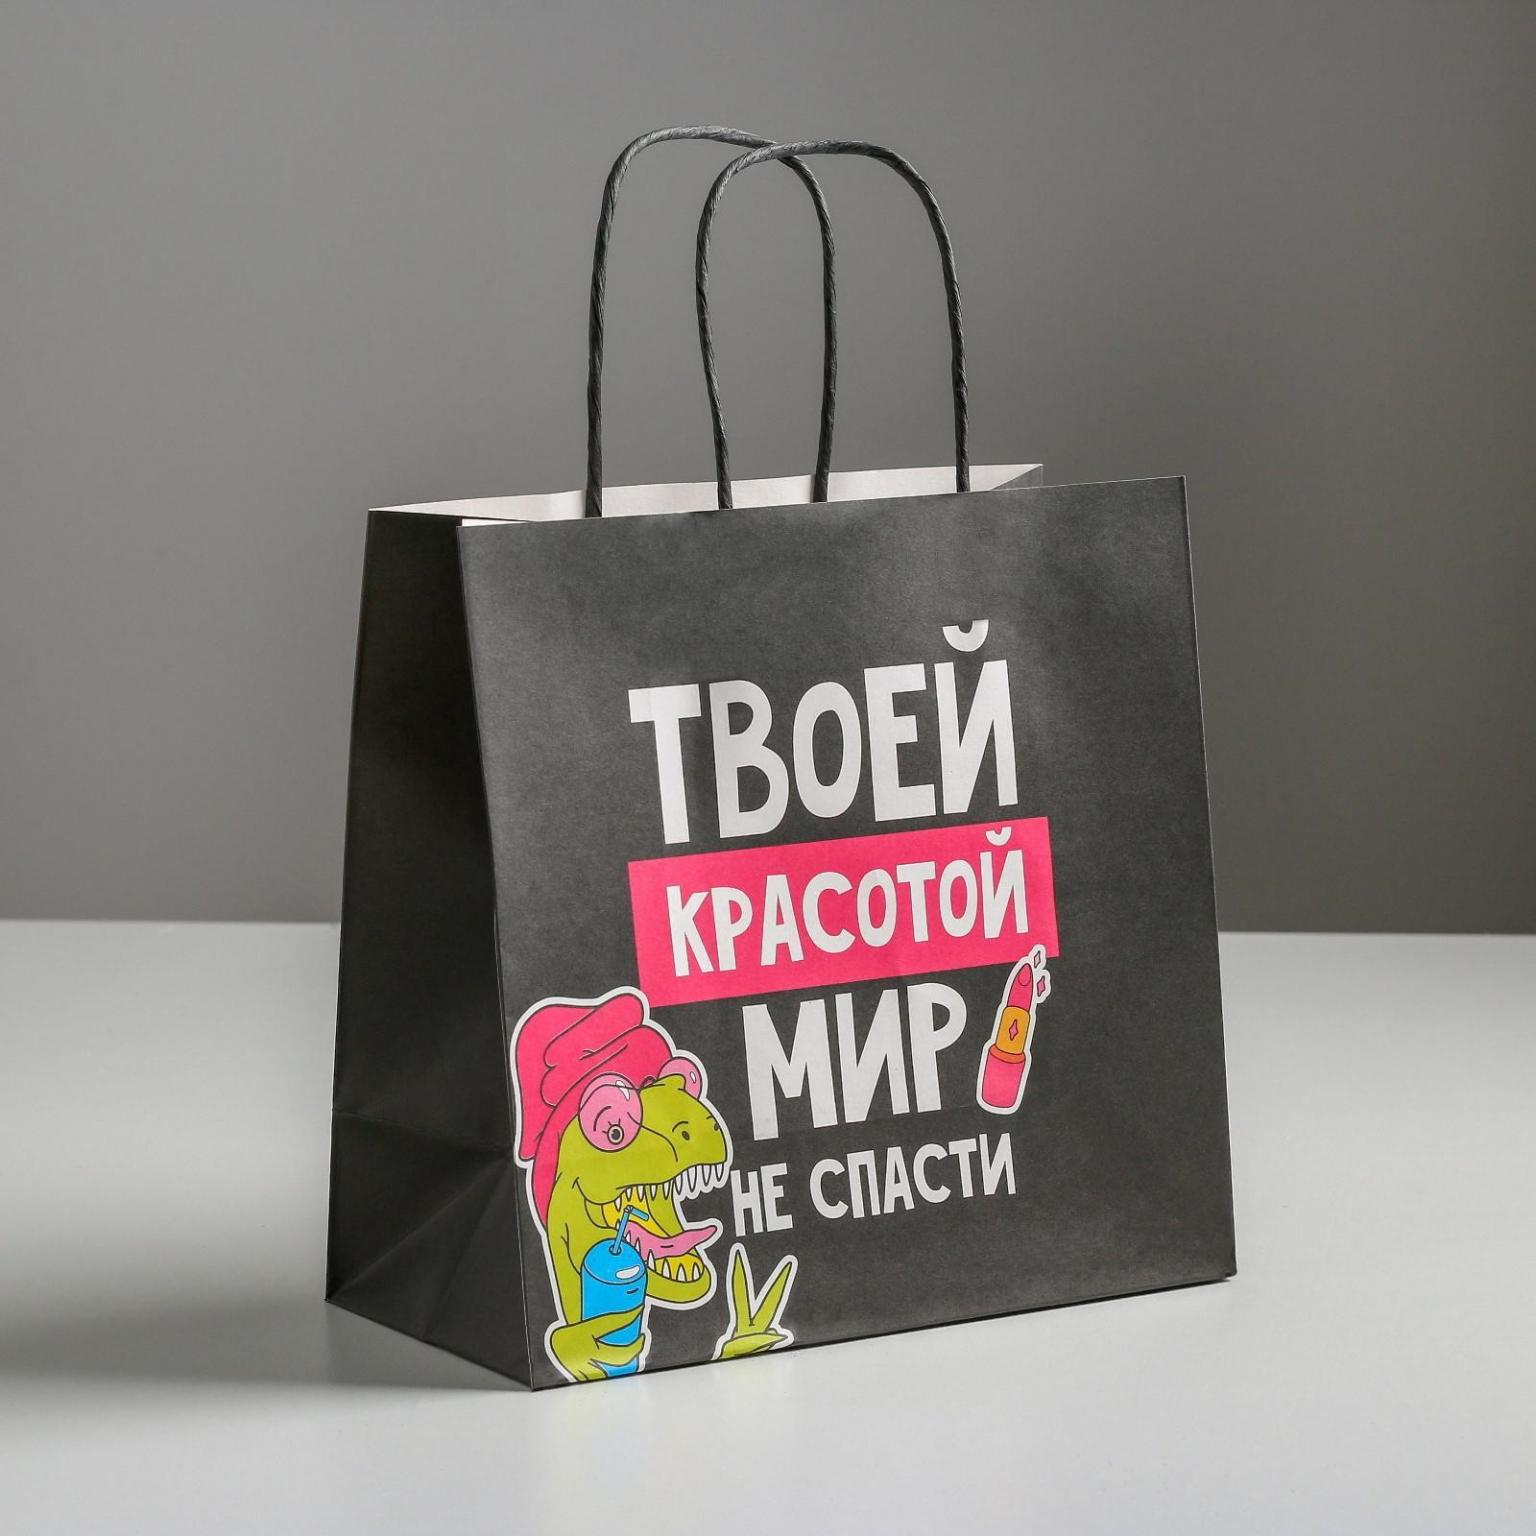 Пакет подарочный «Красота», 22 х 22 х 11 см